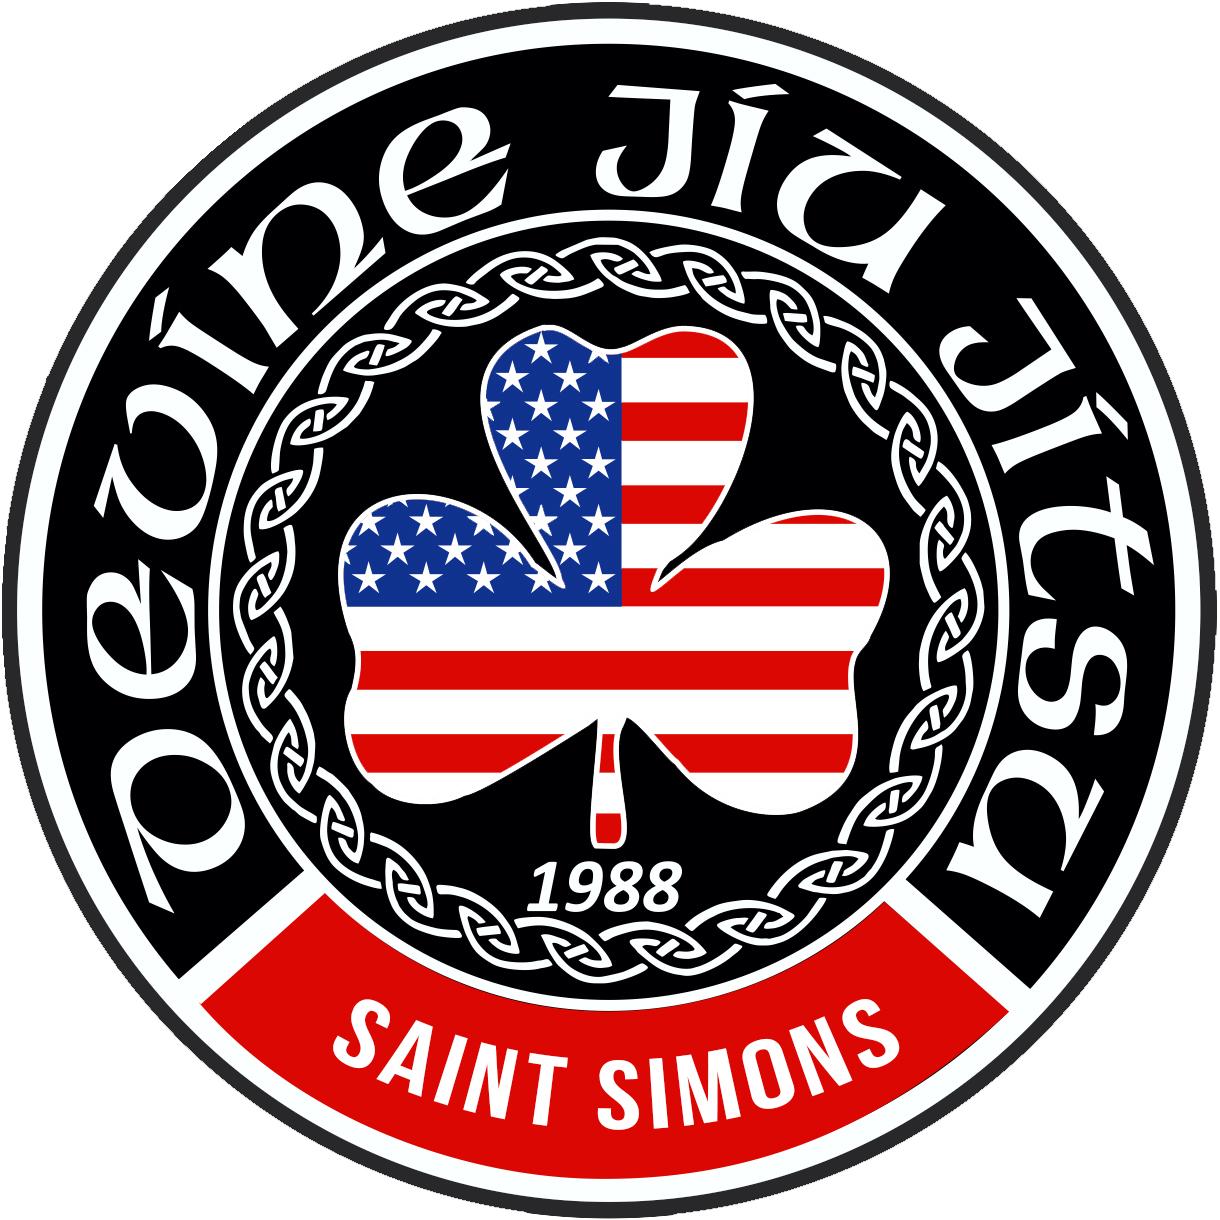 Devine Jiu Jitsu Saint Simons SSI logo   © 2017 Charlie Moore Training - www.charliemooretraining.com